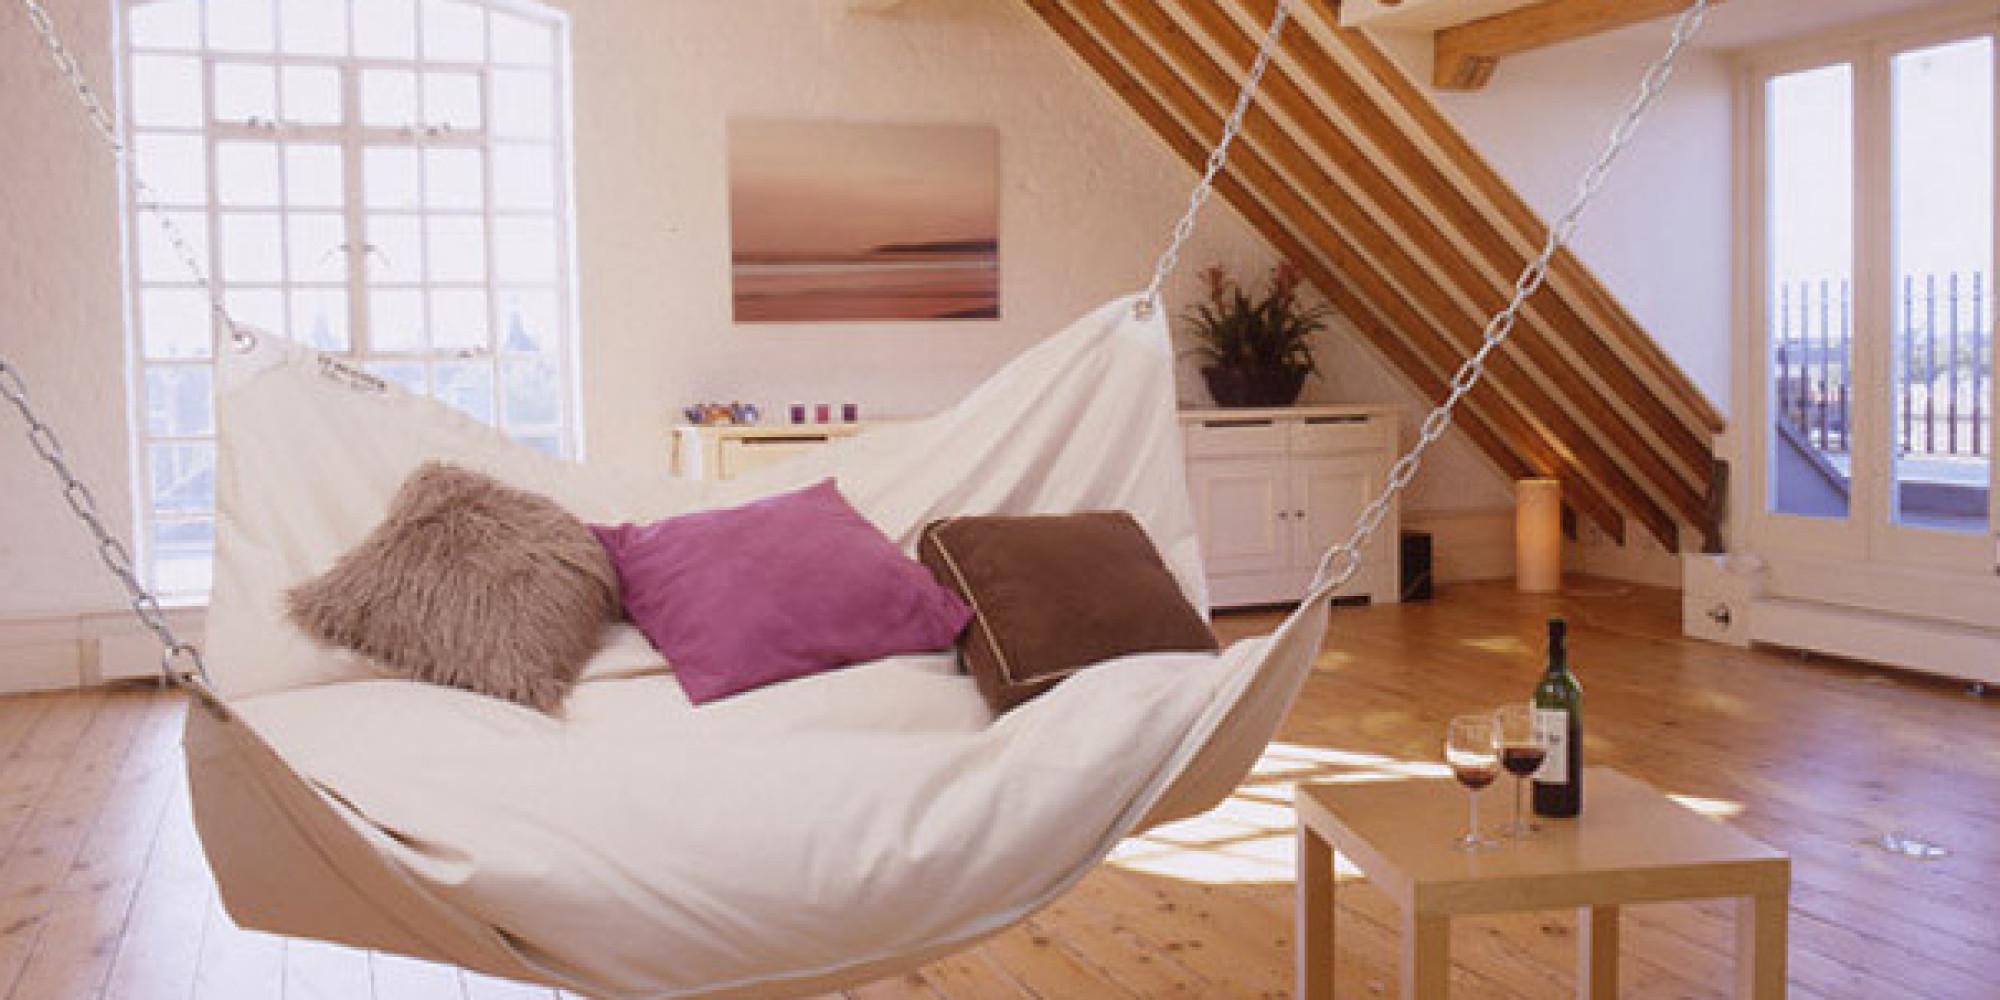 Кровать в виде балкона.